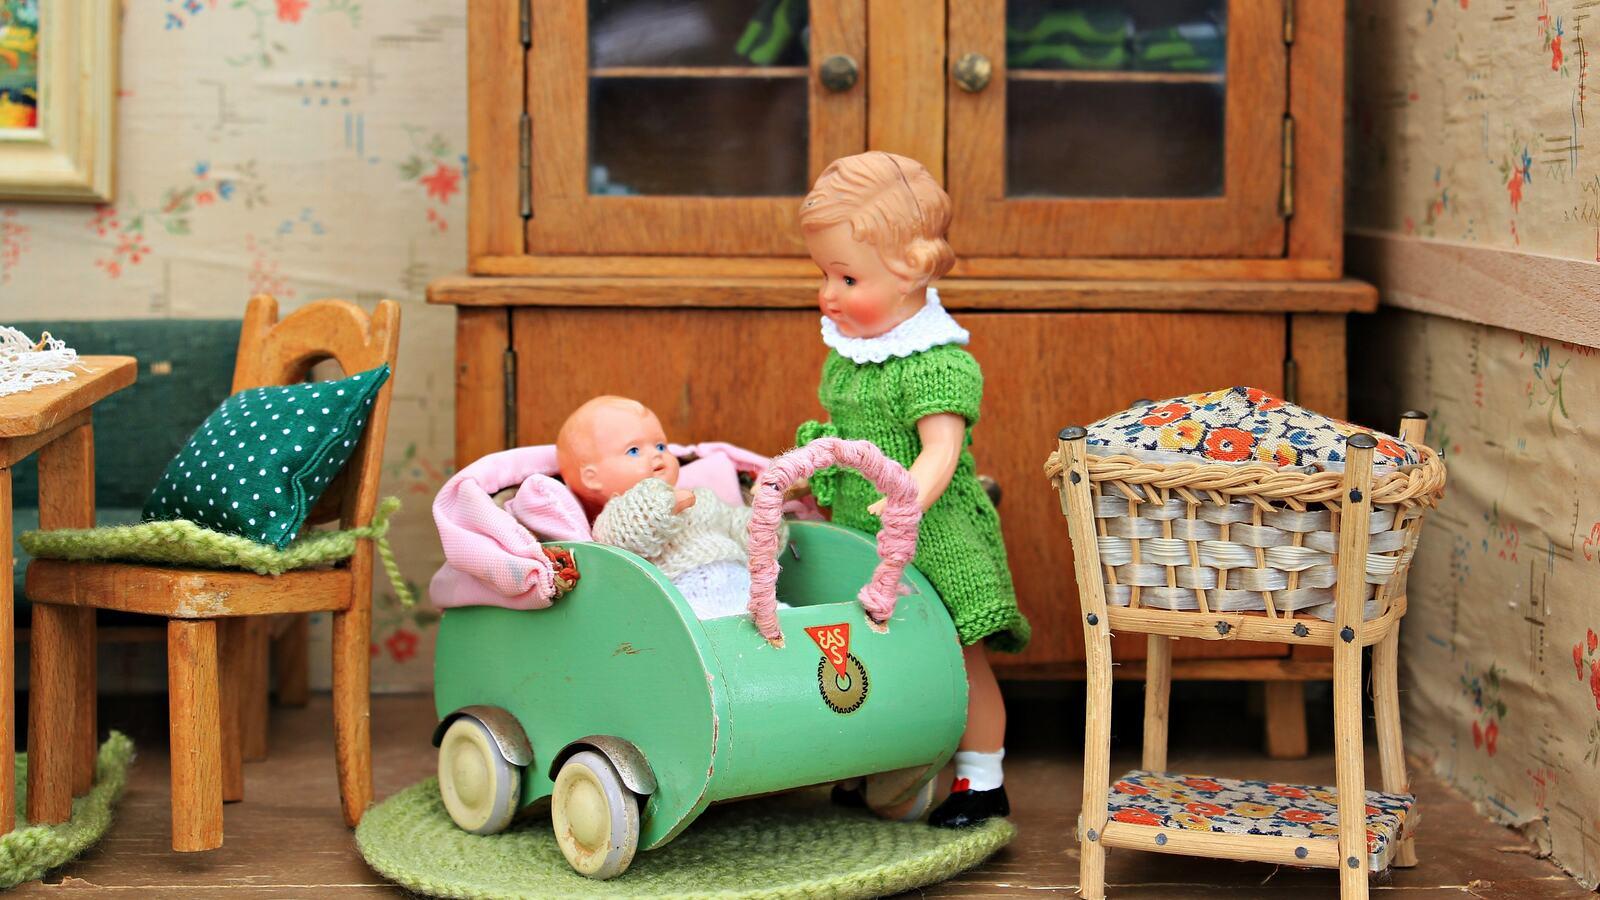 Dolls in a dollhouse